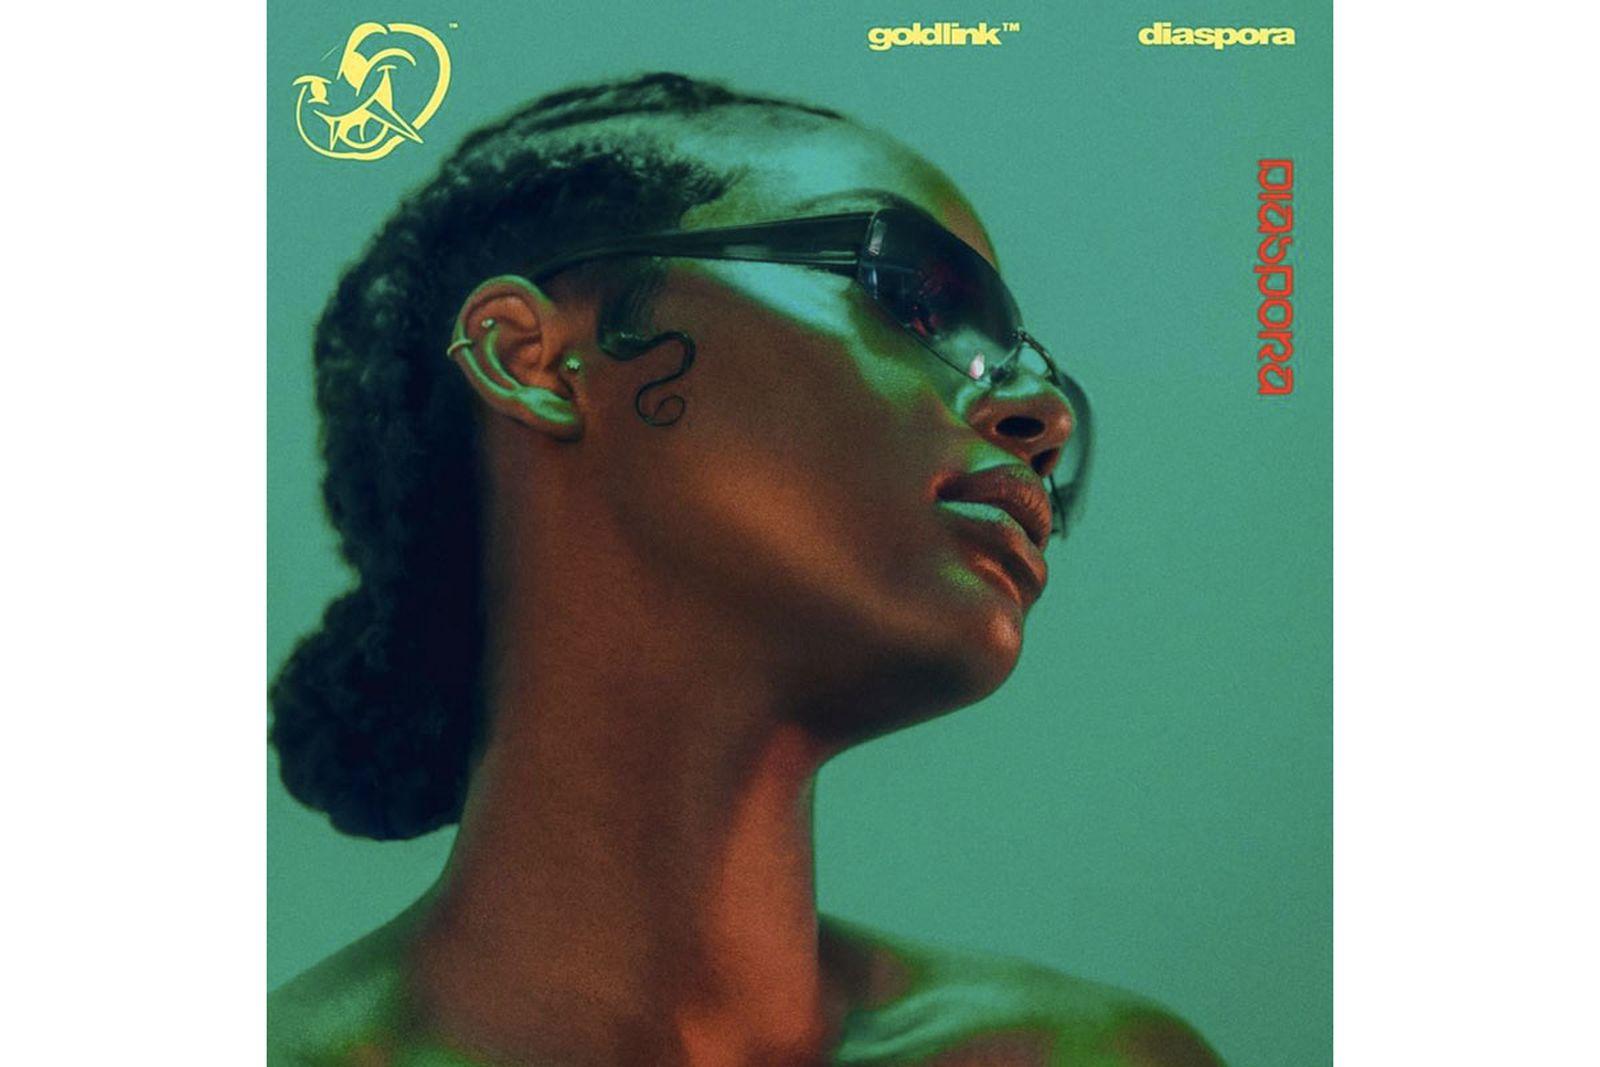 goldlink diaspora review